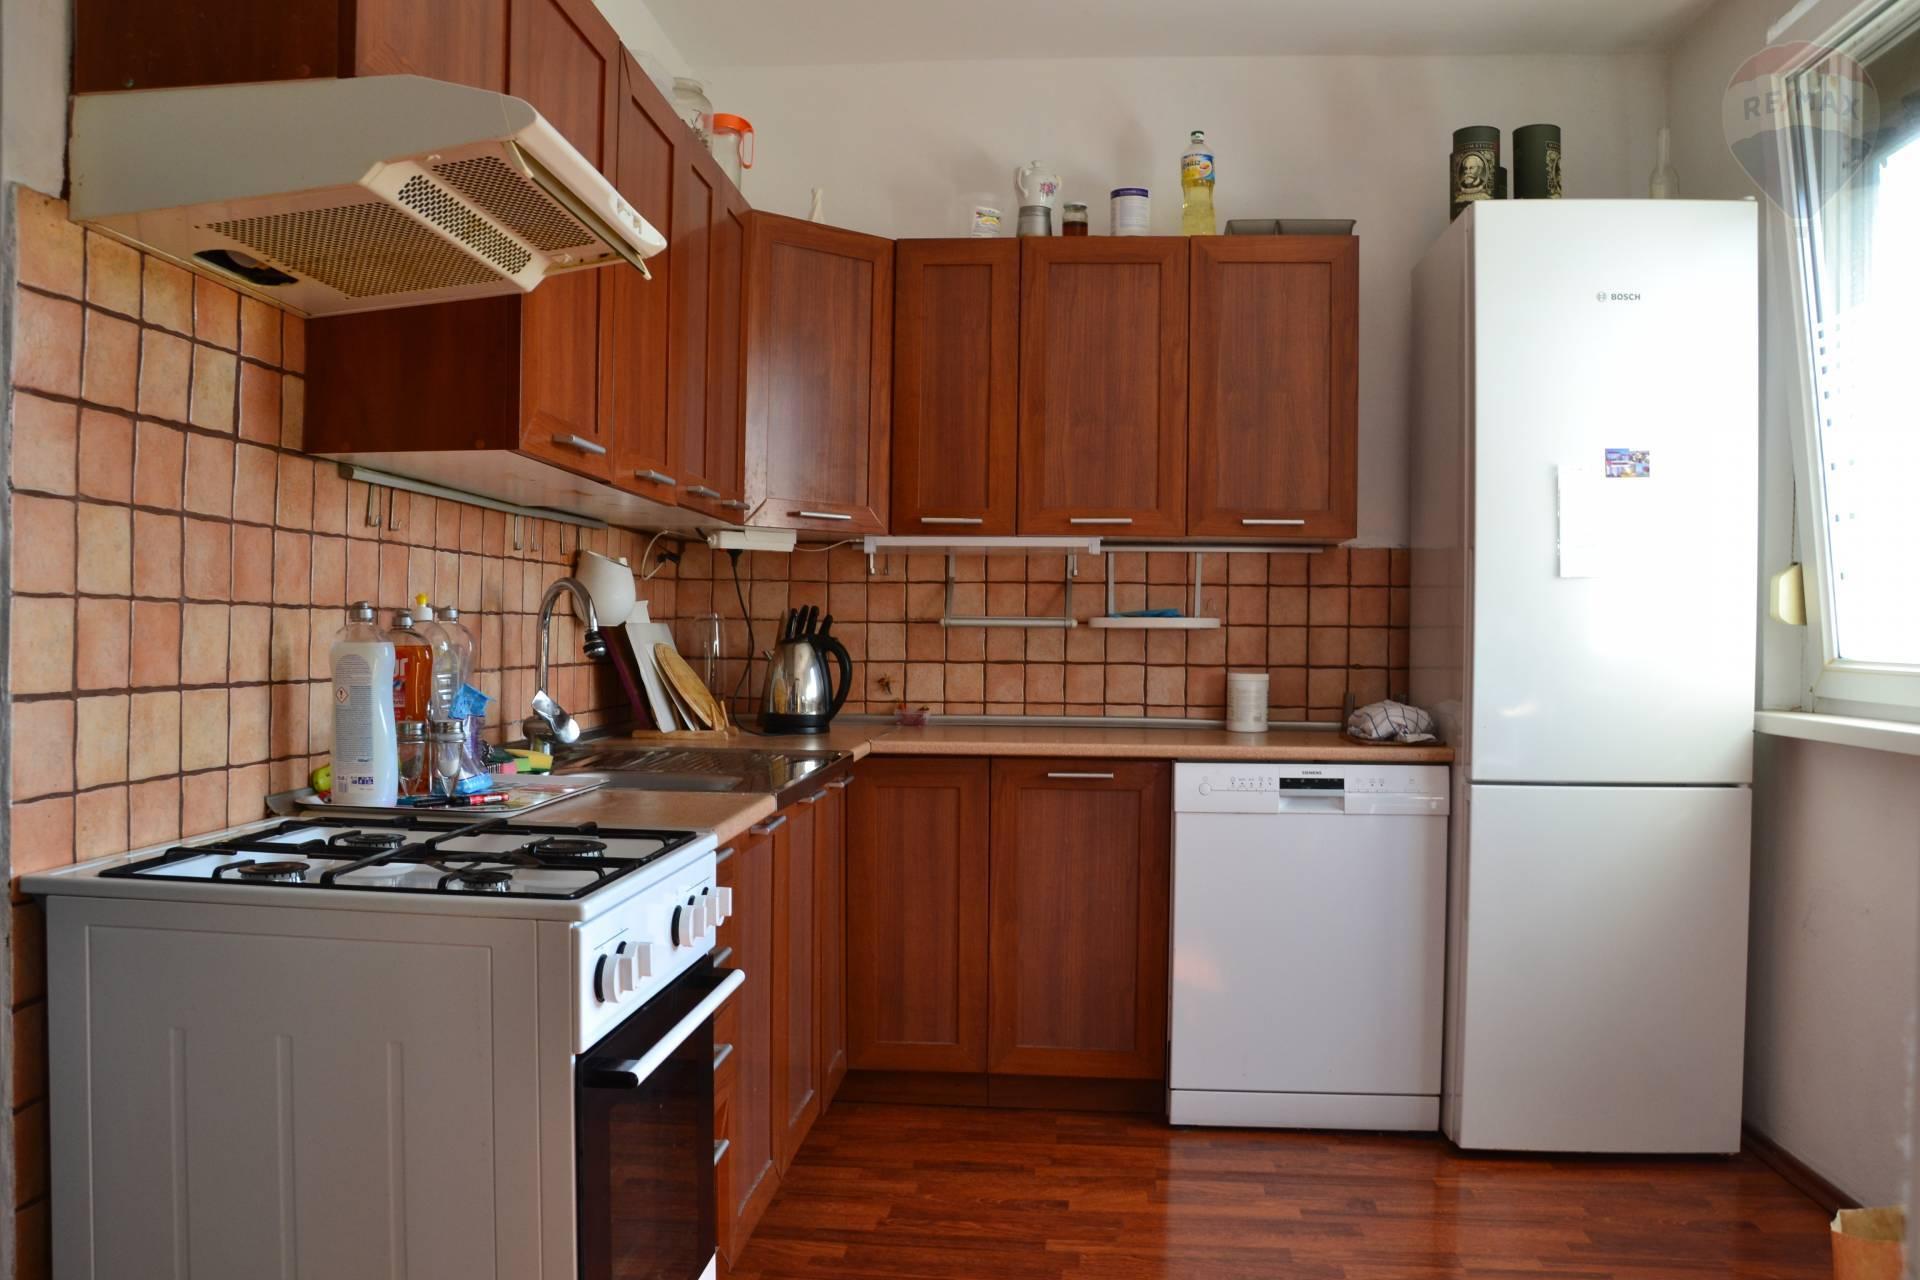 4 izbový byt Bodrocká -  ZABEZPEČUJEME CHRÁNENÉ OBHLIADKY